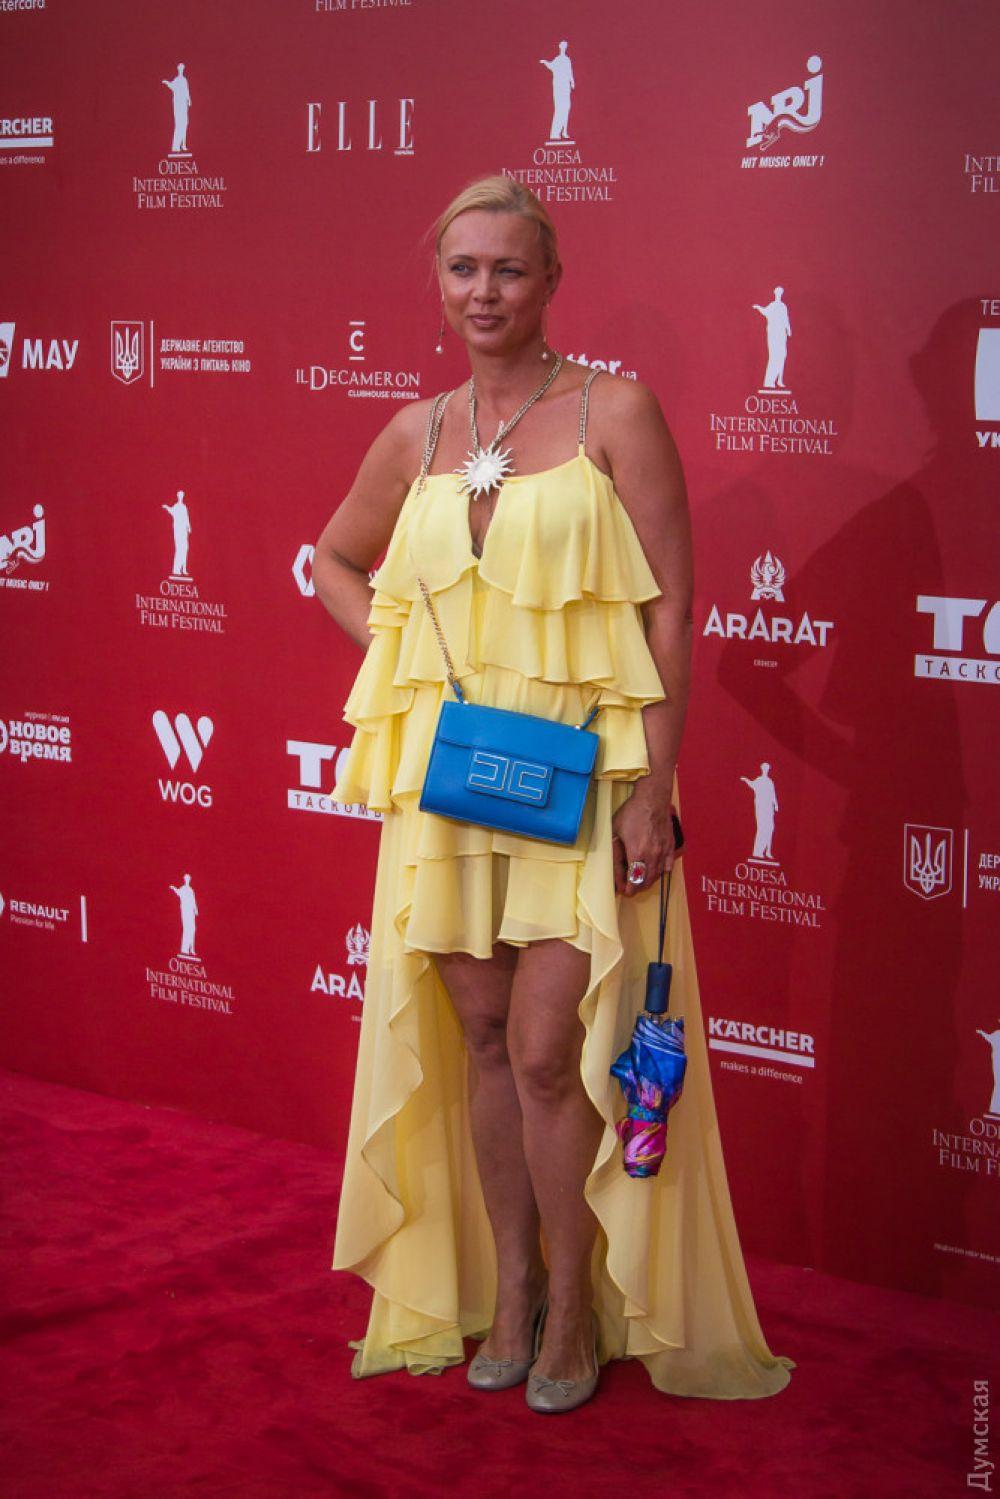 """А вот это платье, хоть в сочетании с сумкой и составляет """"патриотичную"""" расцветку, но совершенно не подходит для красной дорожки. Такой сарафан лучше всего подошел бы для пляжа или вечерней прогулки по набережной."""